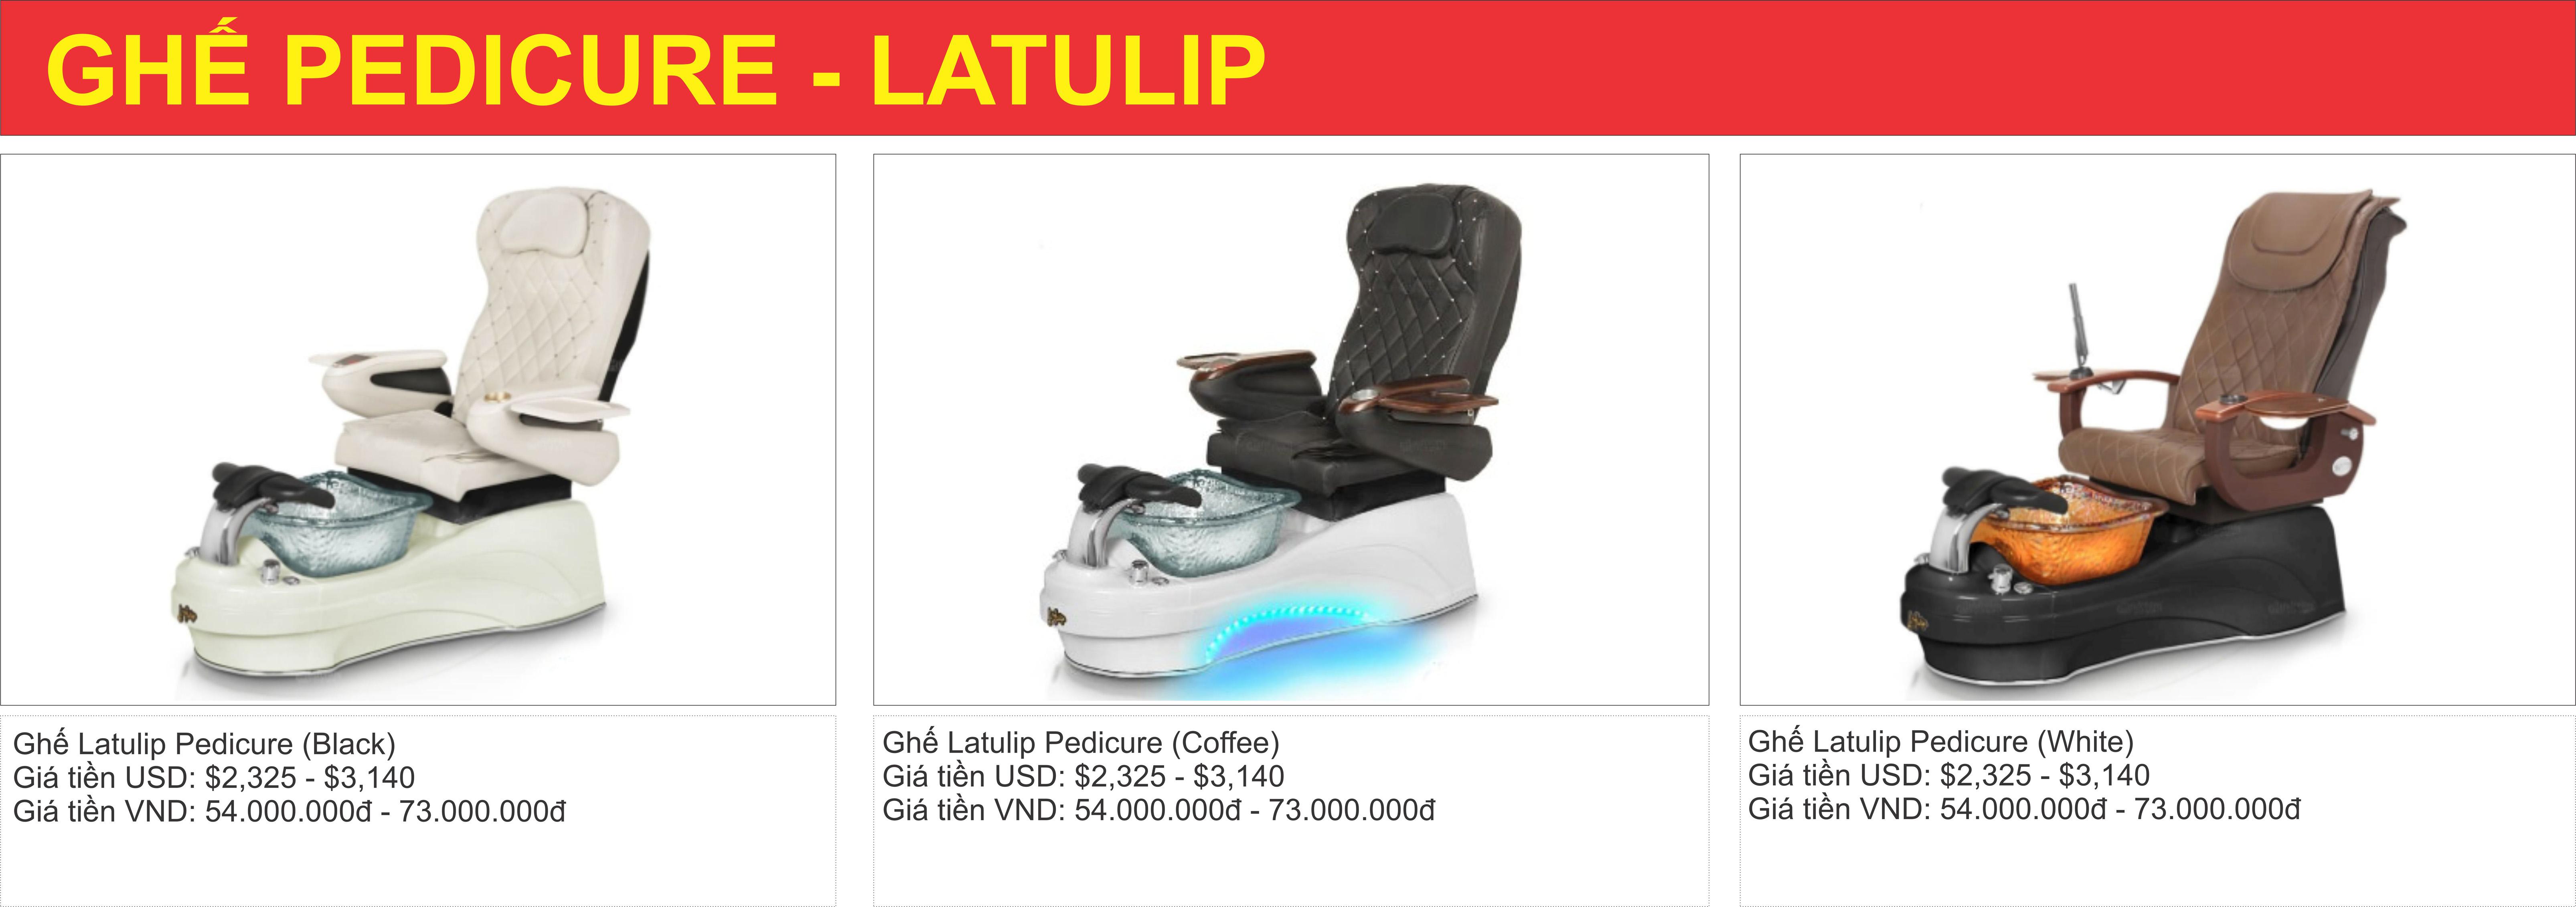 ghe-nail-latulip